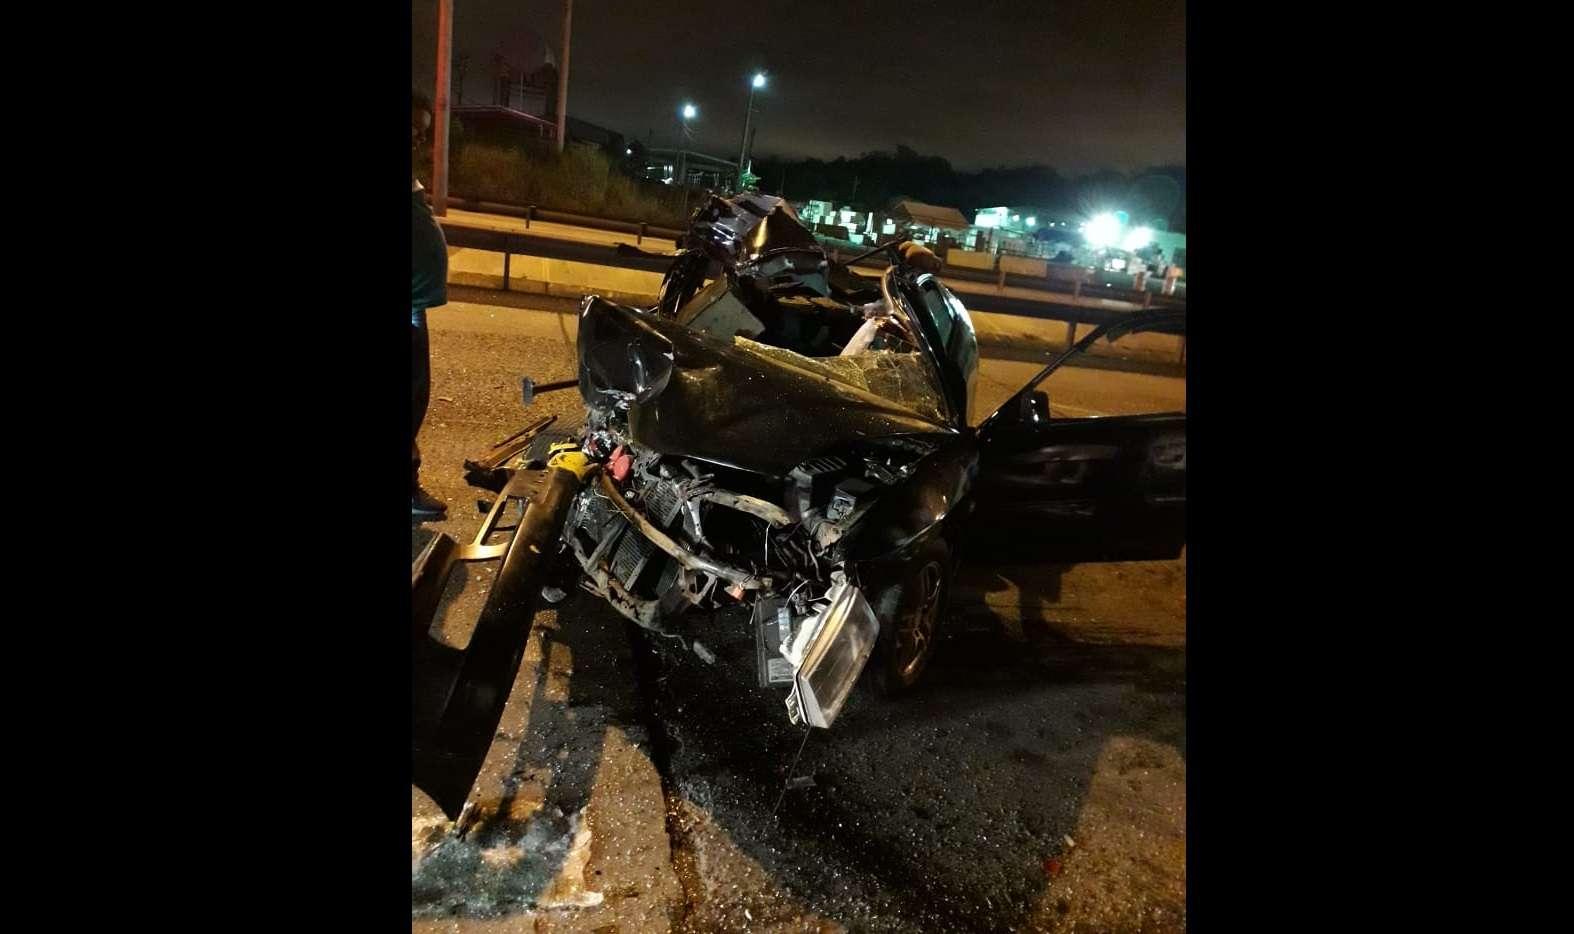 Vista general de la condición en la que quedó el sedán luego de la colisión. Foto: @TraficoCPanama